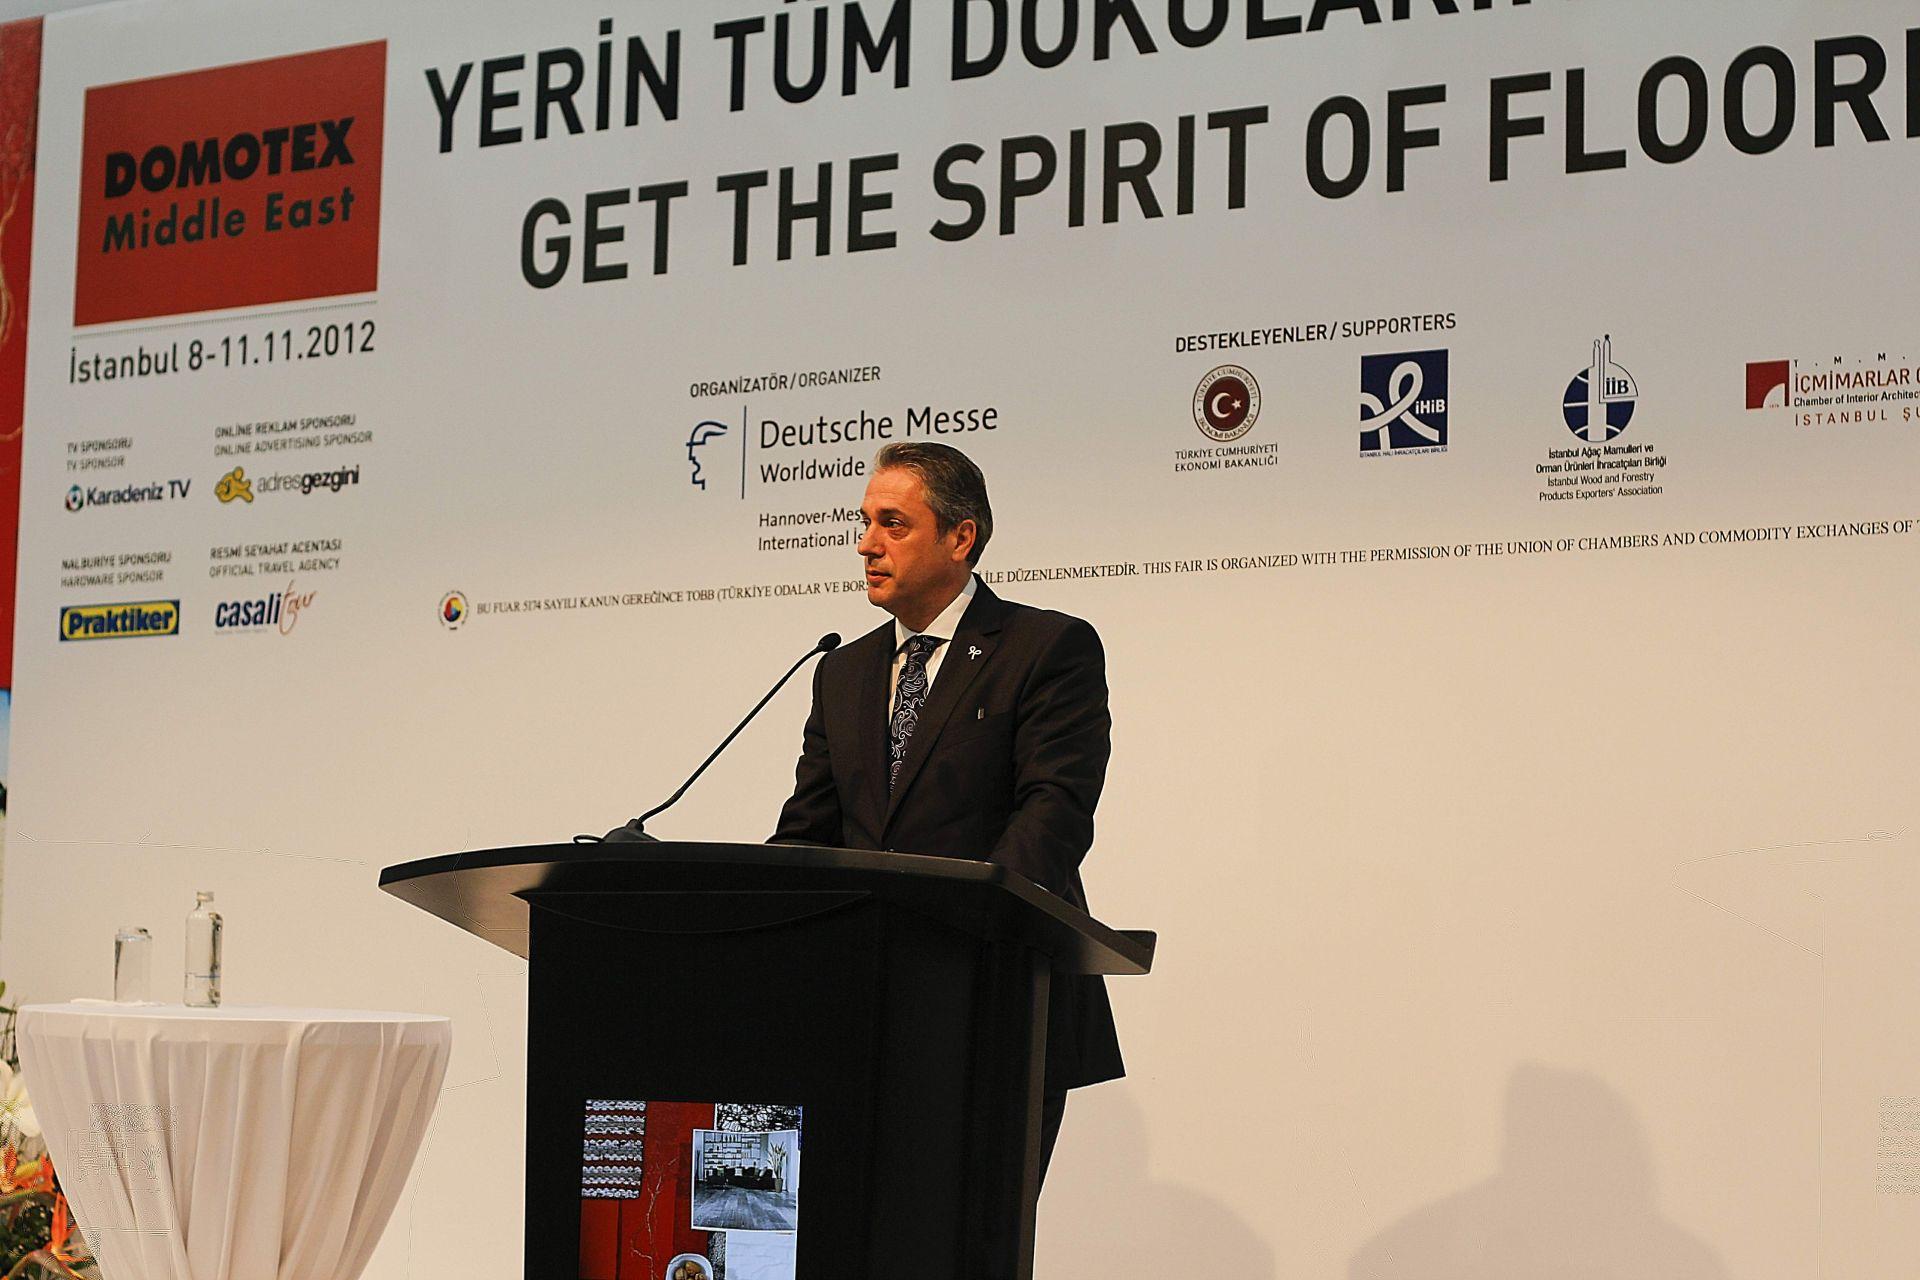 DOMOTEX Turkey 2012 Opening Ceremony